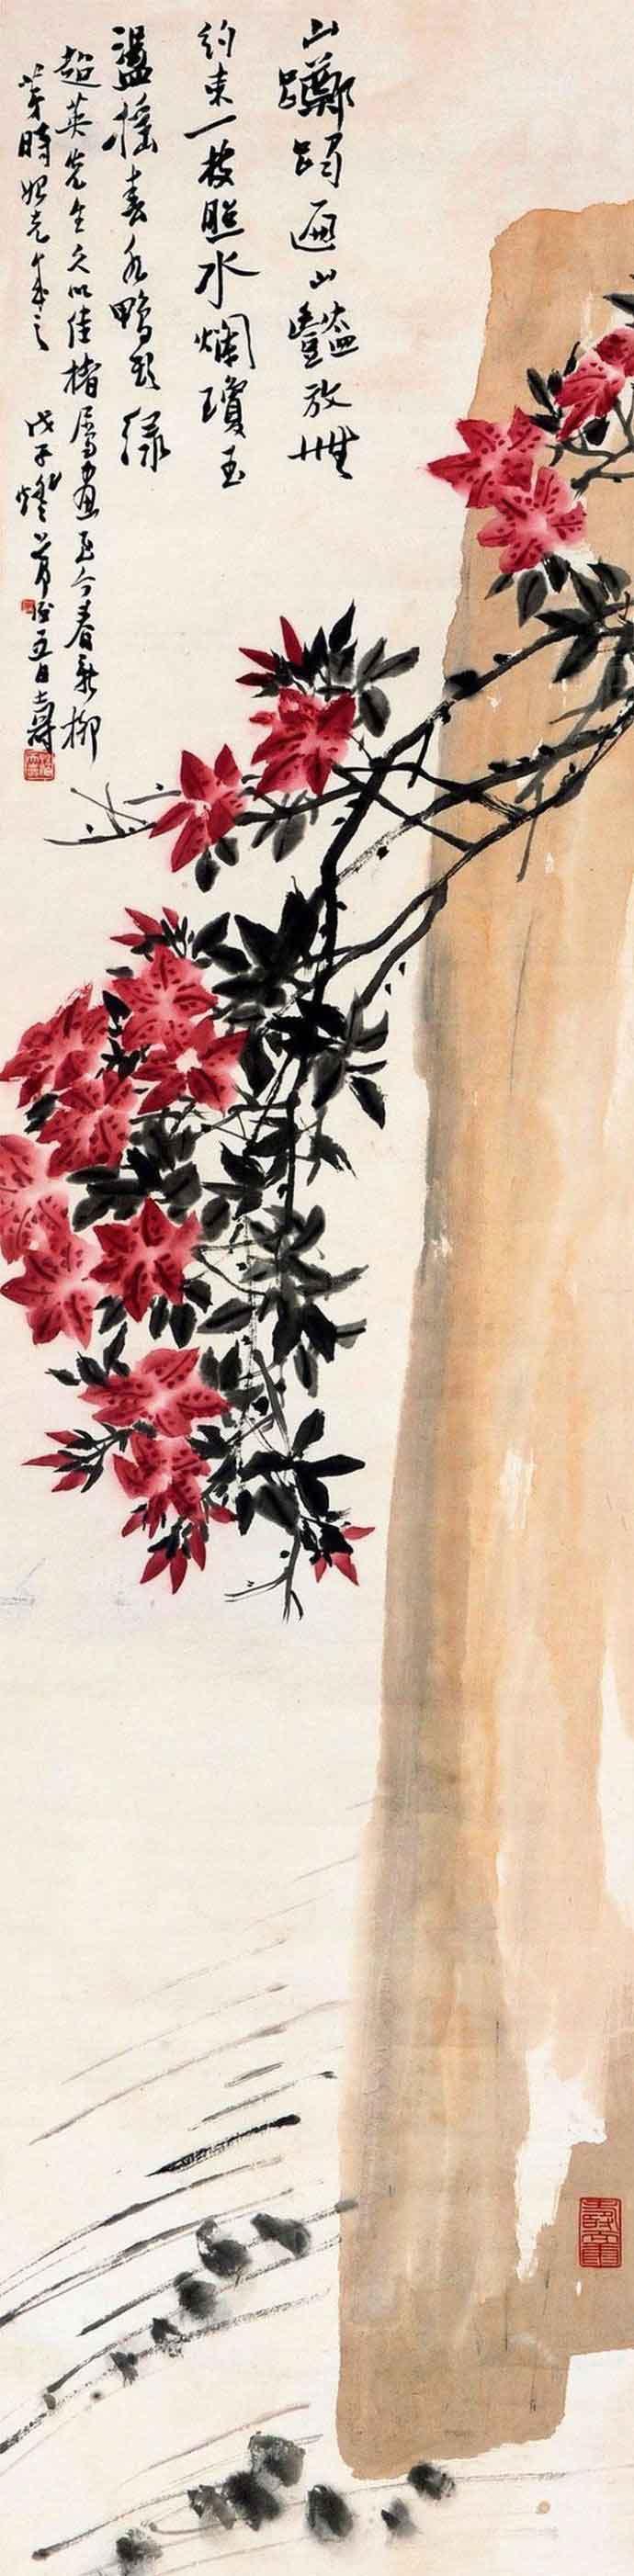 潘天寿作品《山花烂漫》